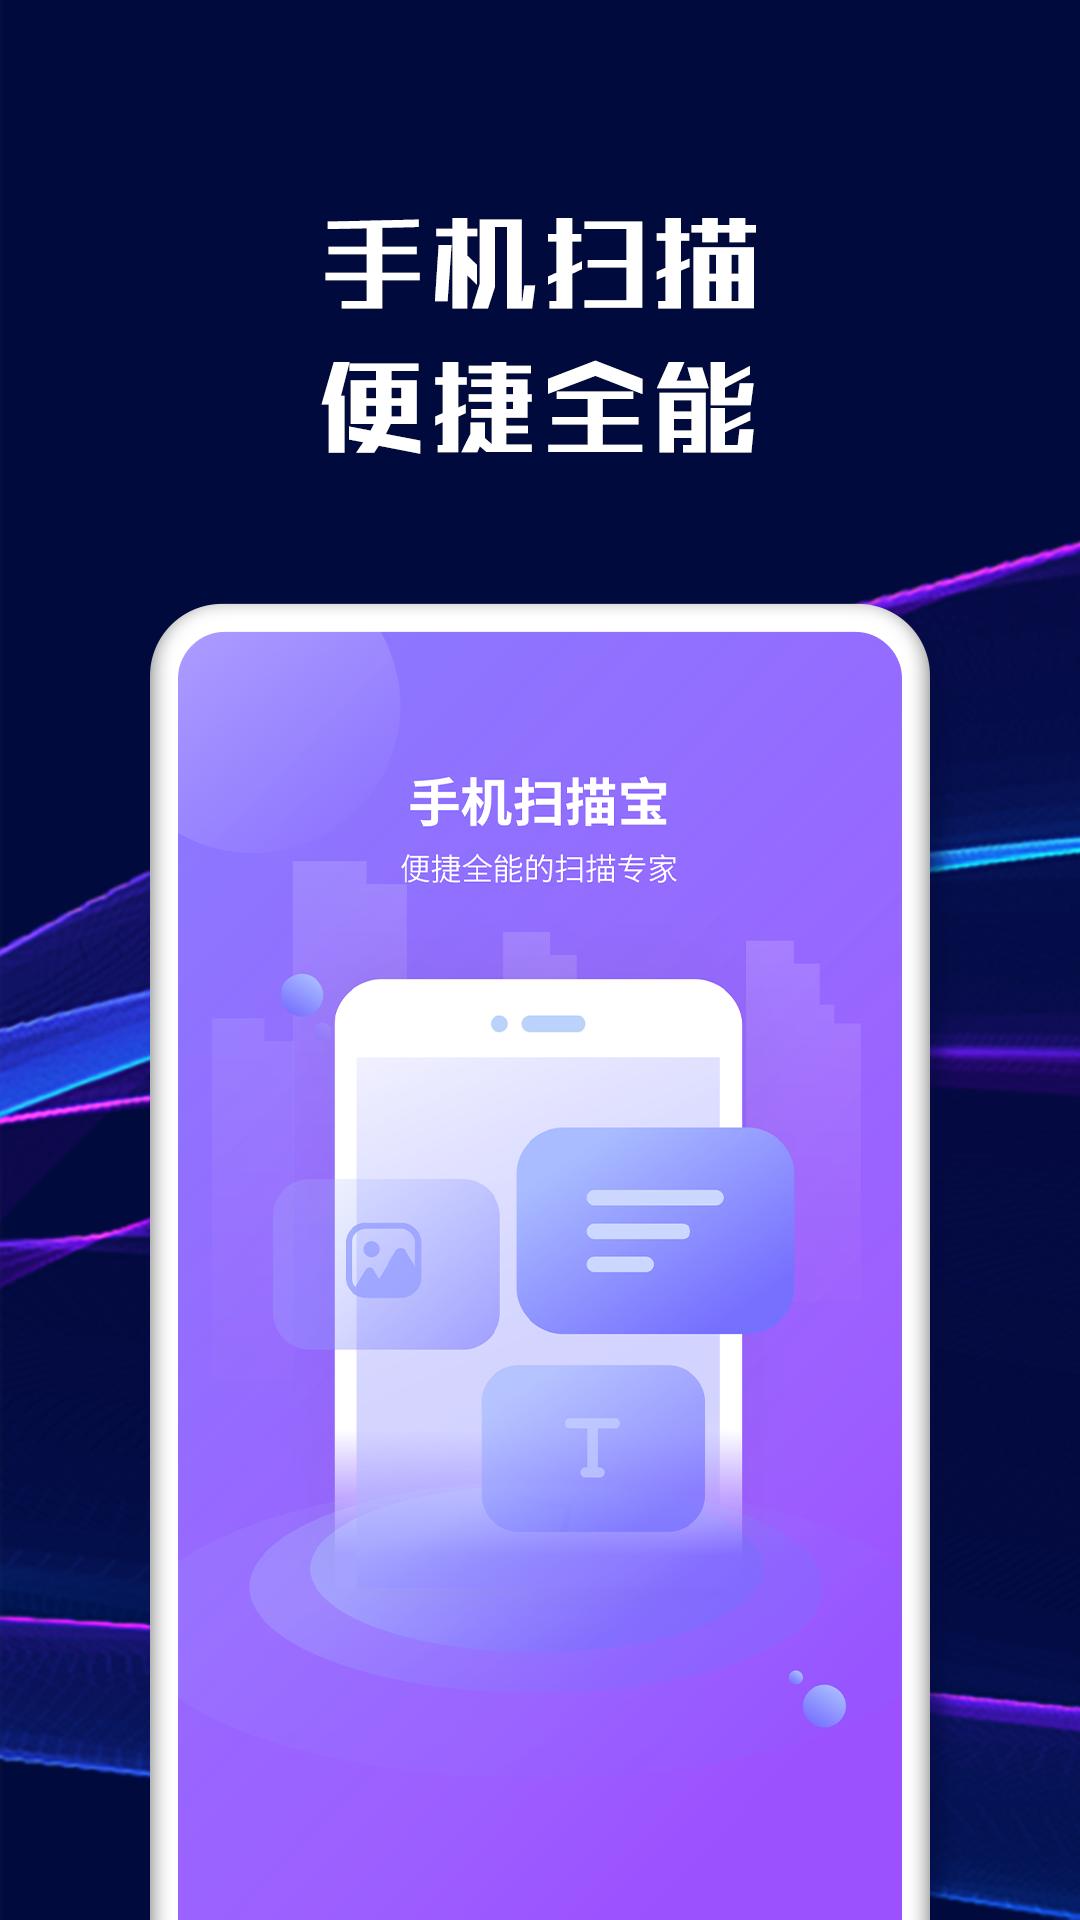 vivino 中文 版